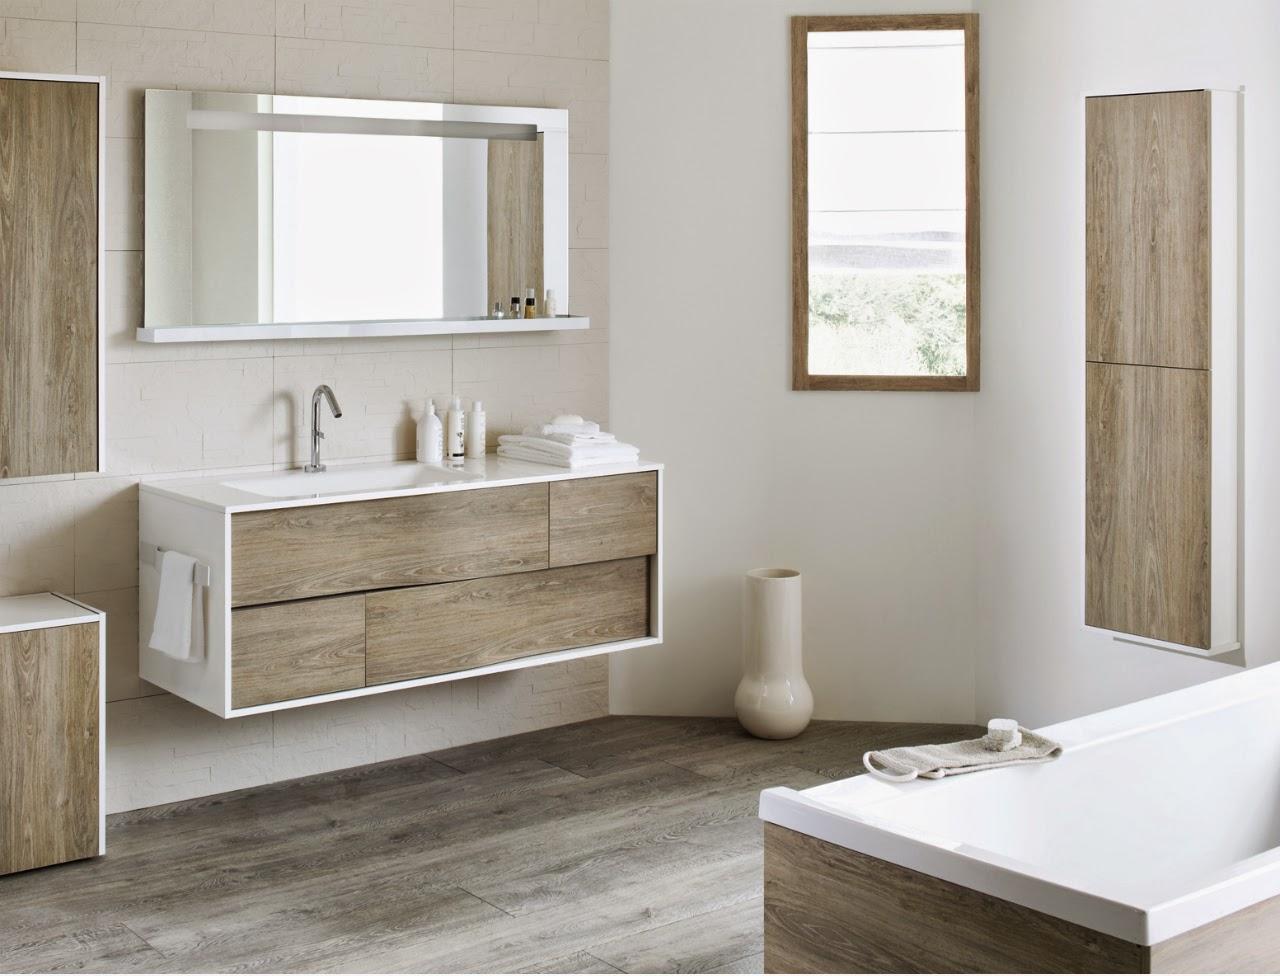 meuble salle de bain ikea. Black Bedroom Furniture Sets. Home Design Ideas